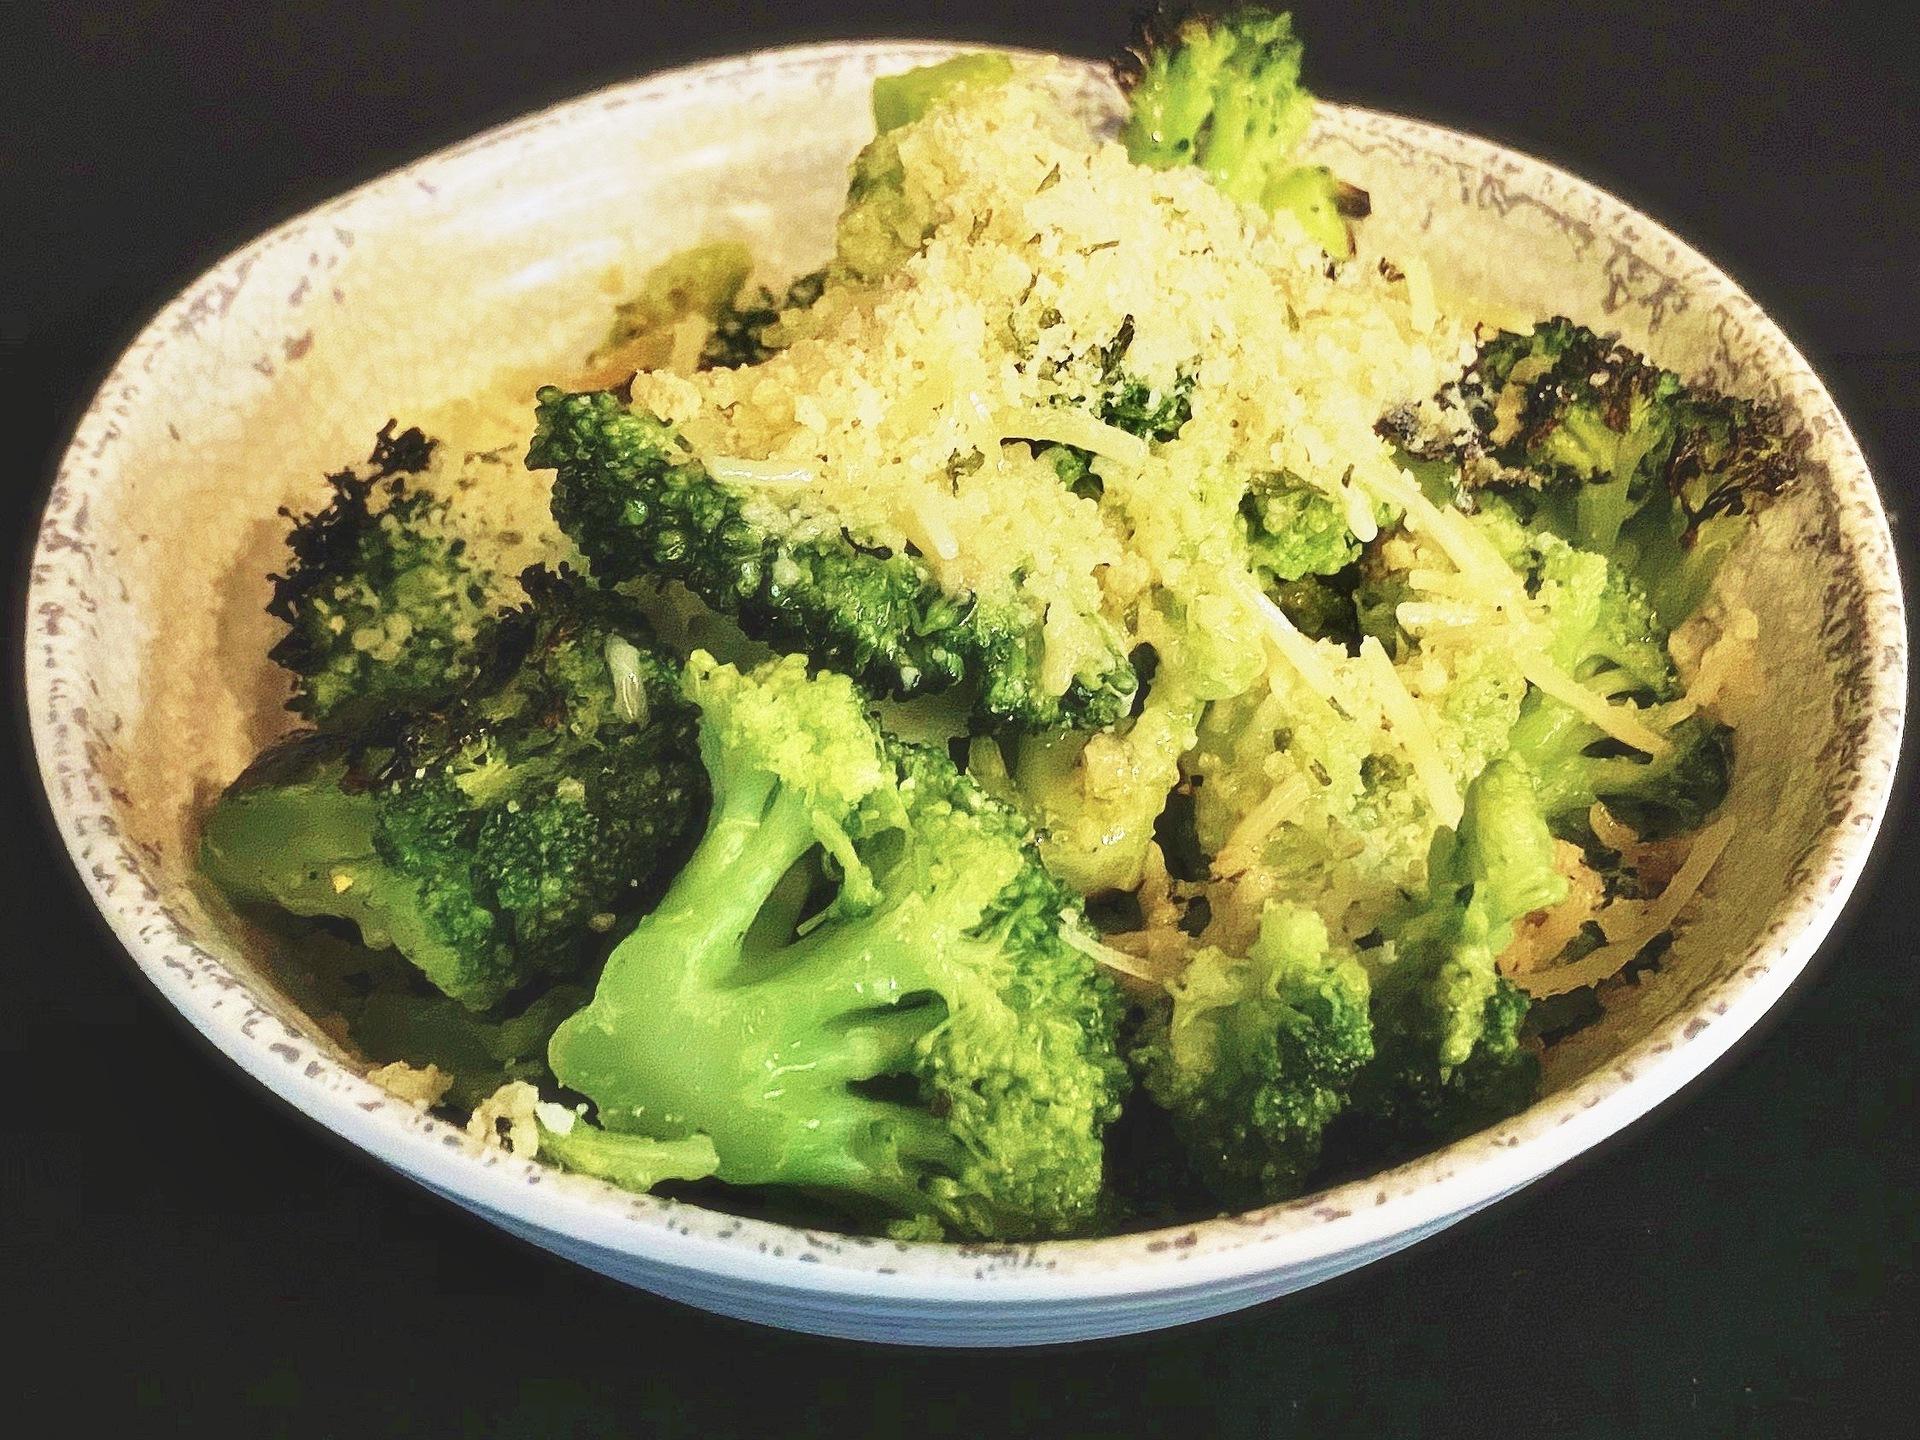 Broccoli in a bowl.